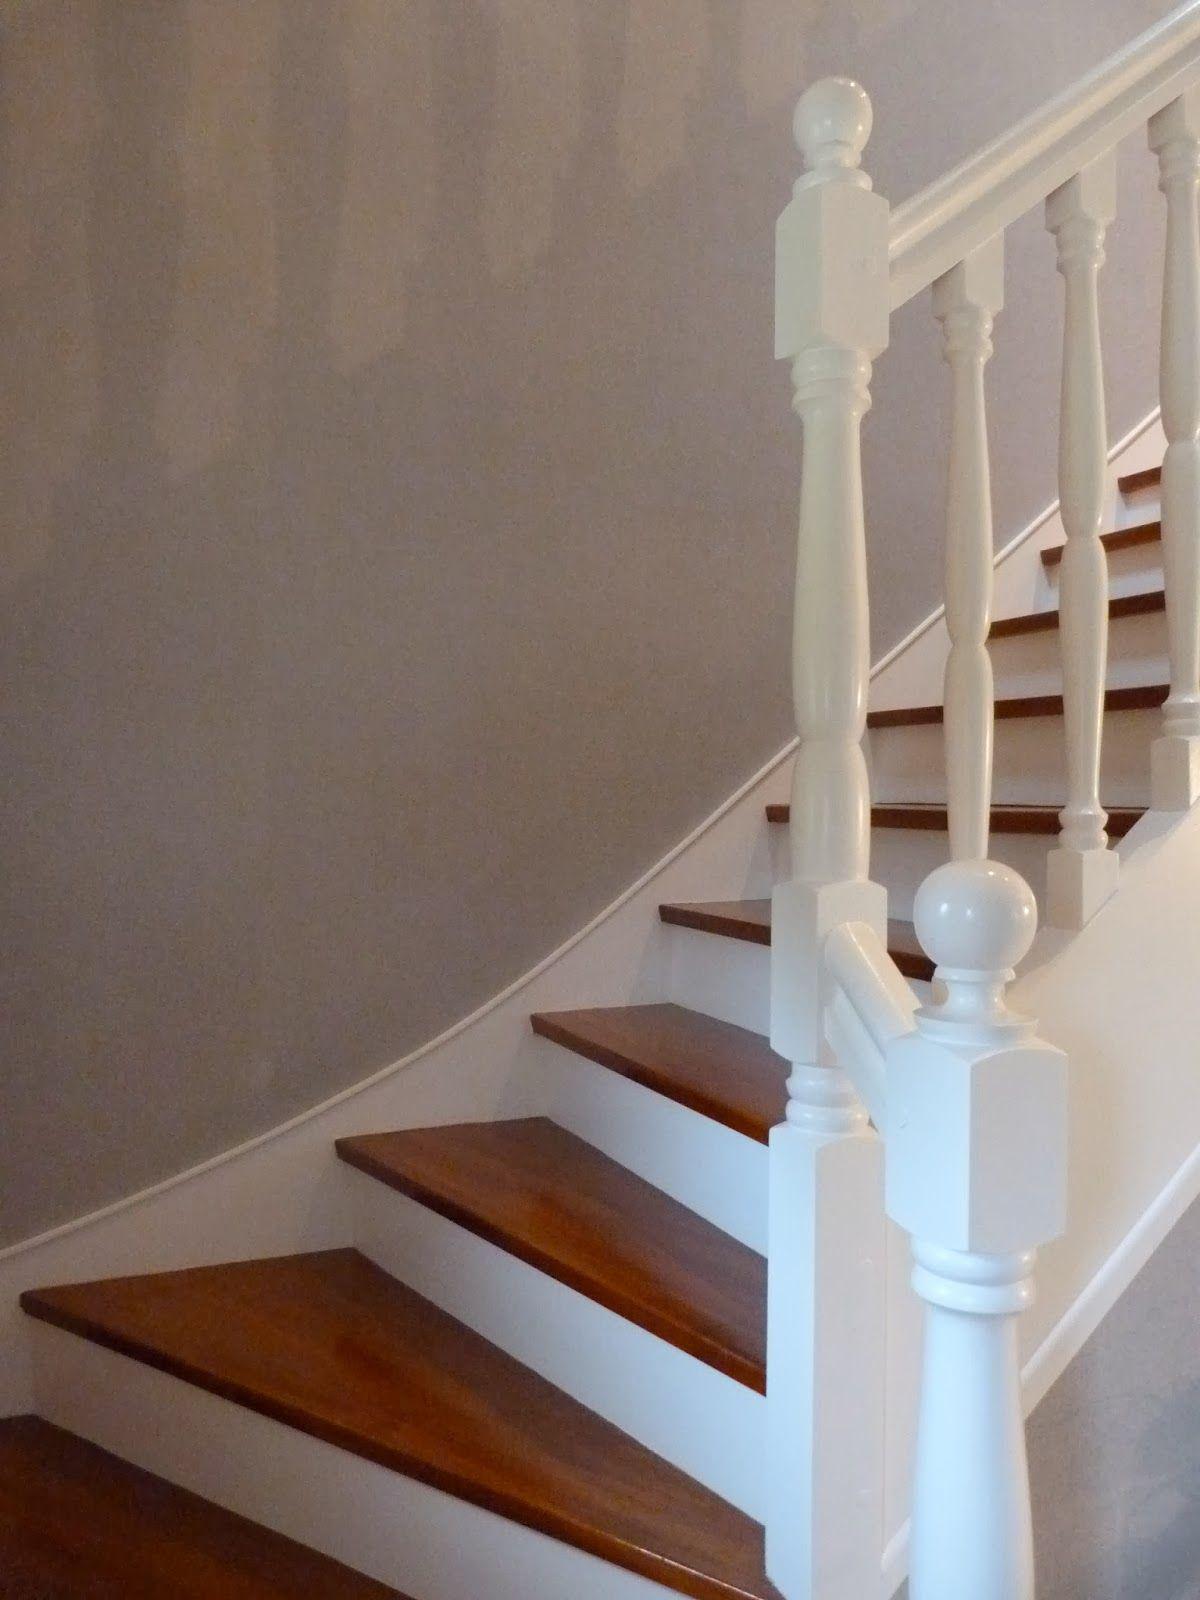 Anthracite d co r novation d 39 escalier escalier pinterest r novation - Deco descente d escalier ...